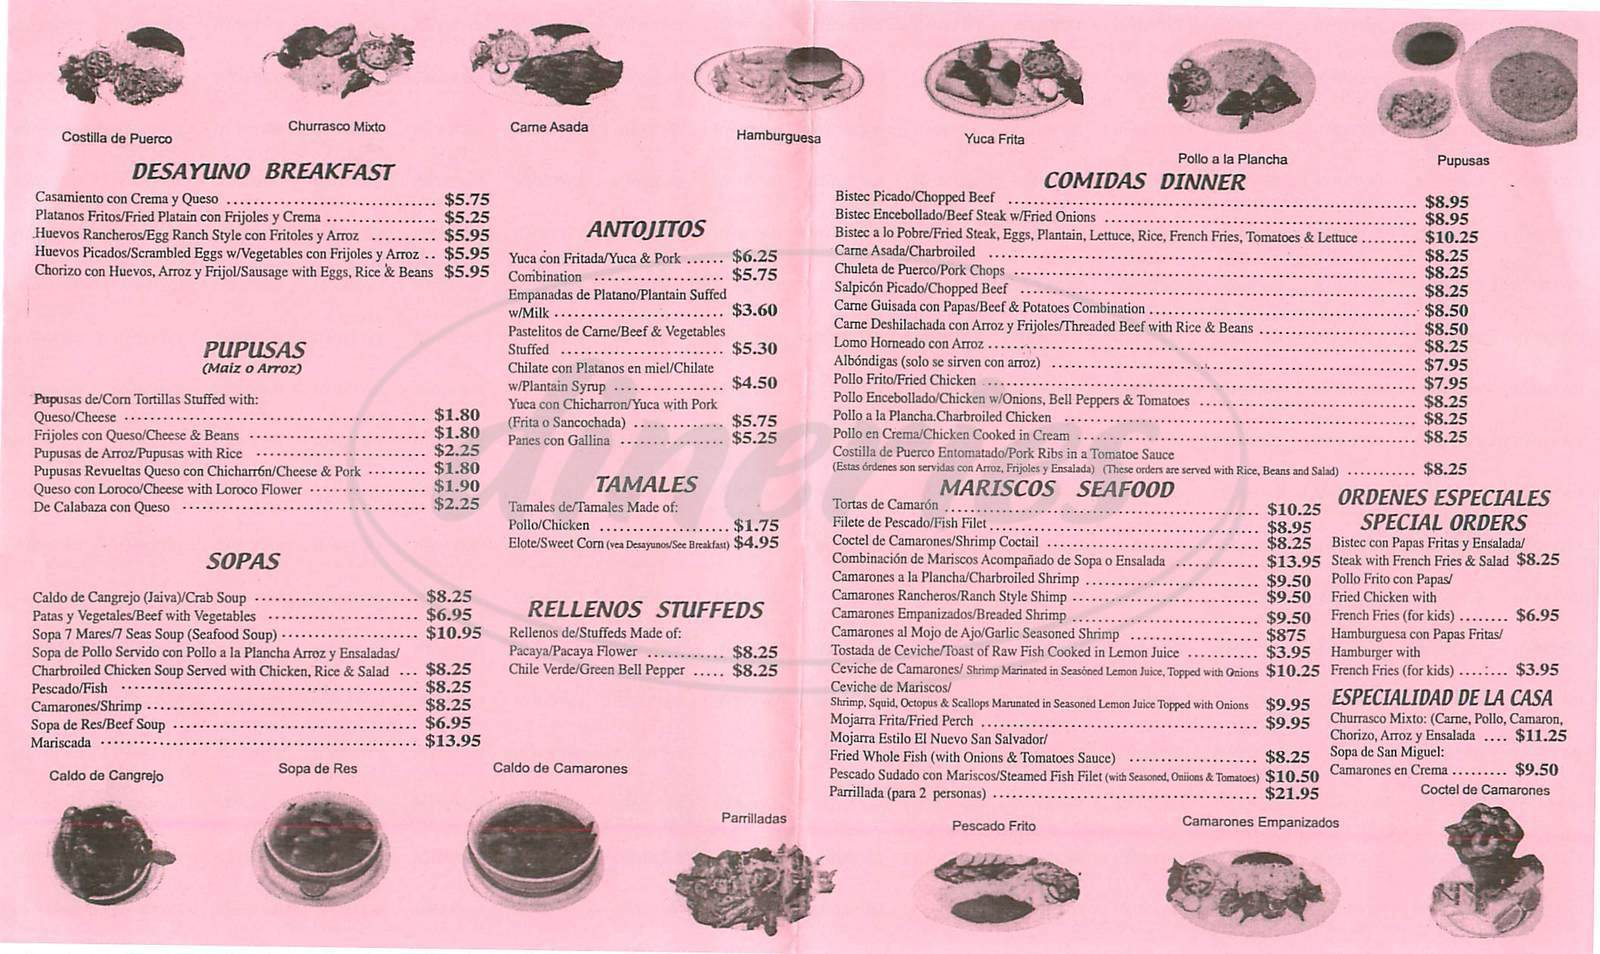 menu for El Nuevo San Salvador